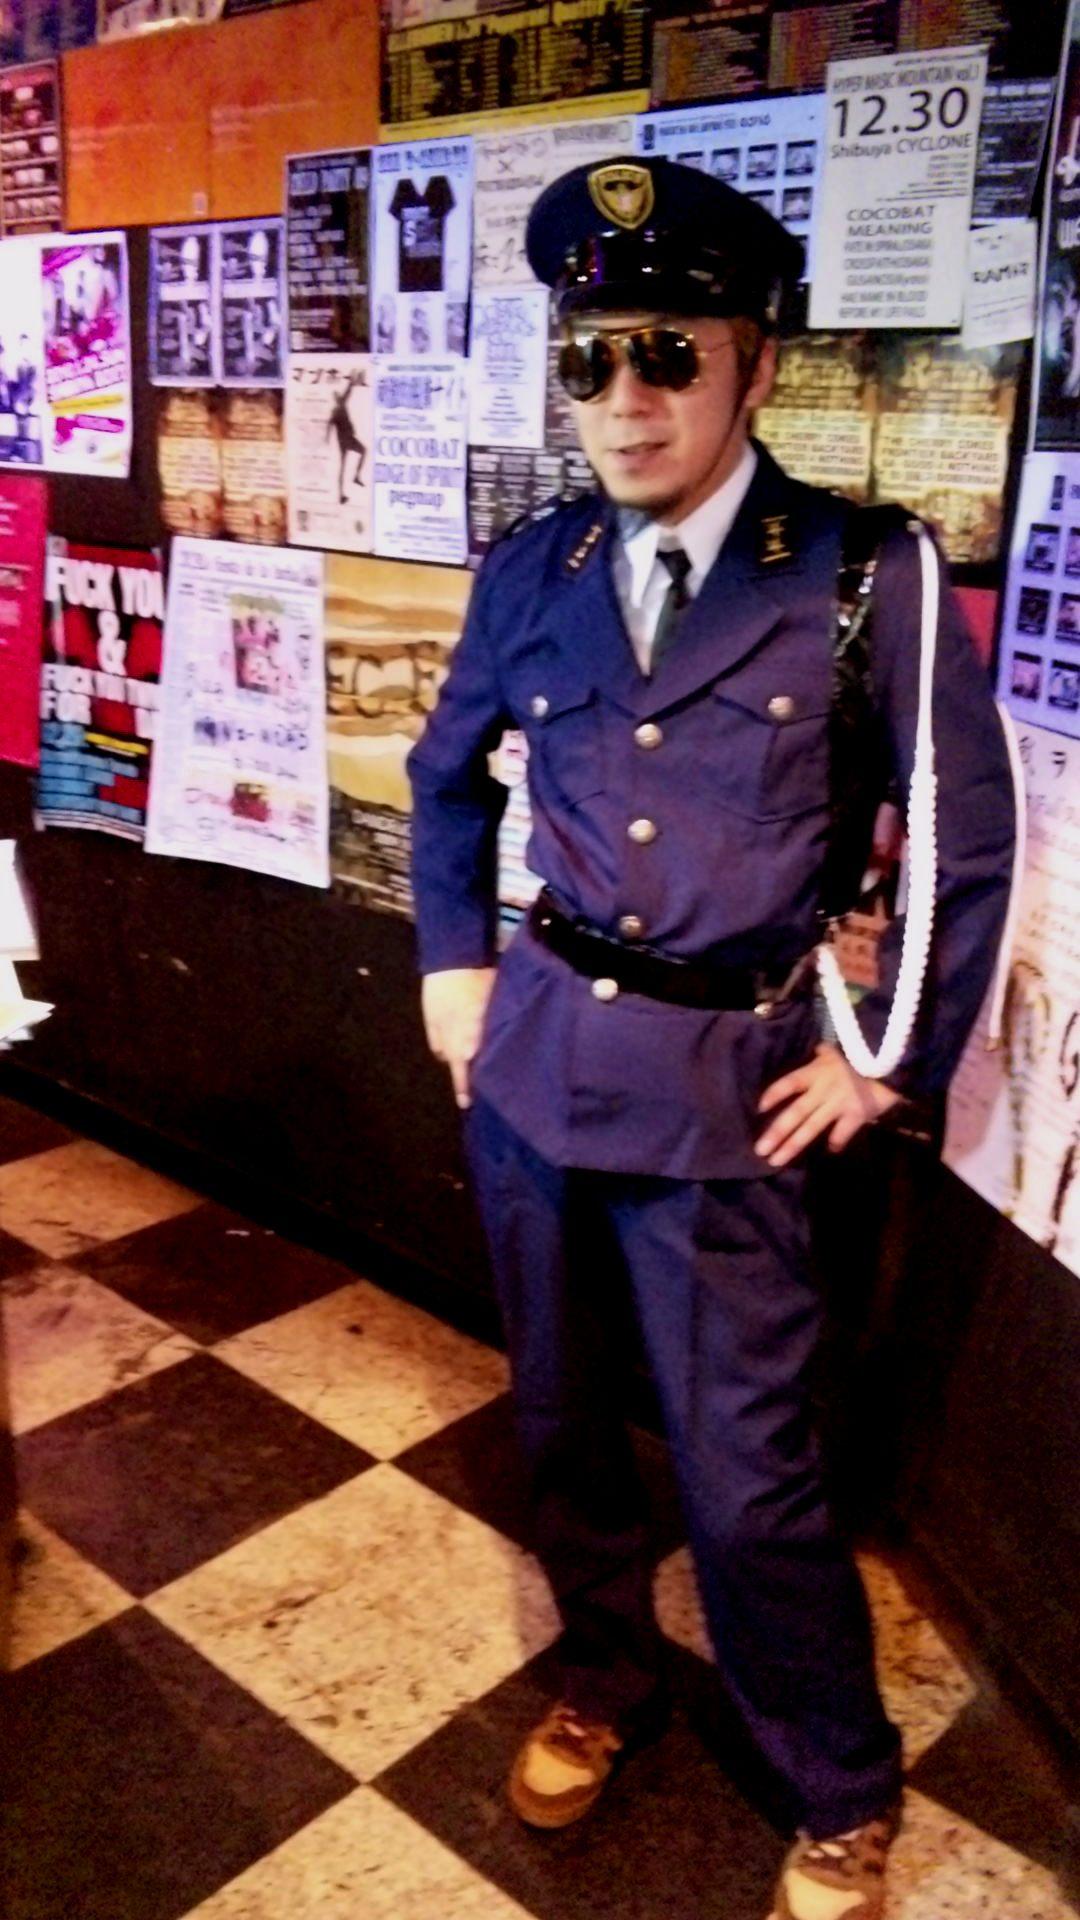 岡嶋事務所24時年末大パトロール_d0102567_17112297.jpg